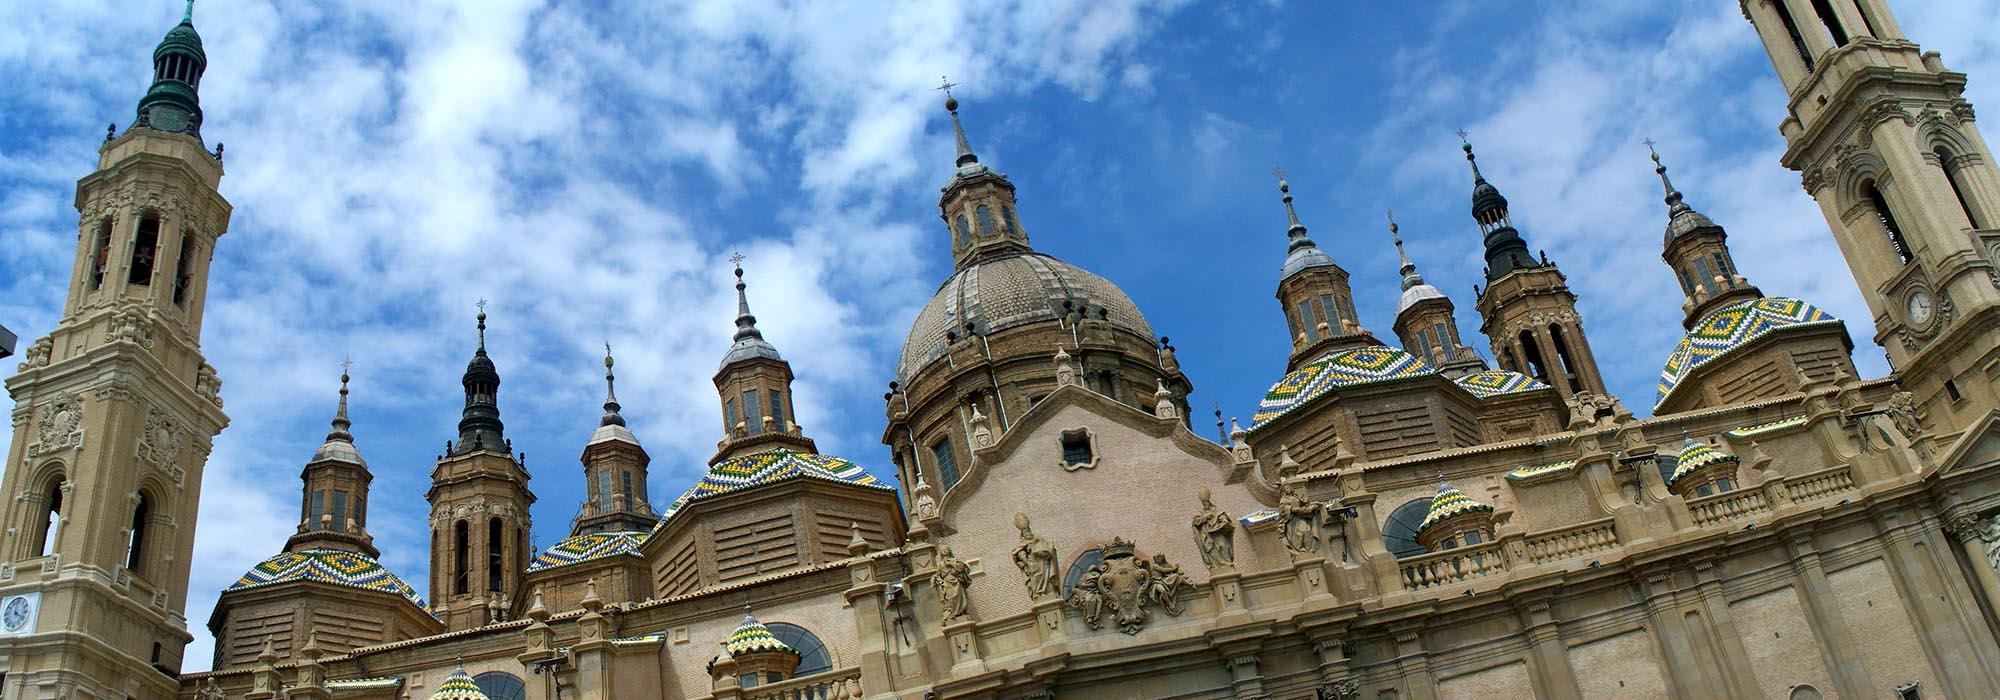 Alojamiento para estudiantes universitarios en Zaragoza sin comisiones